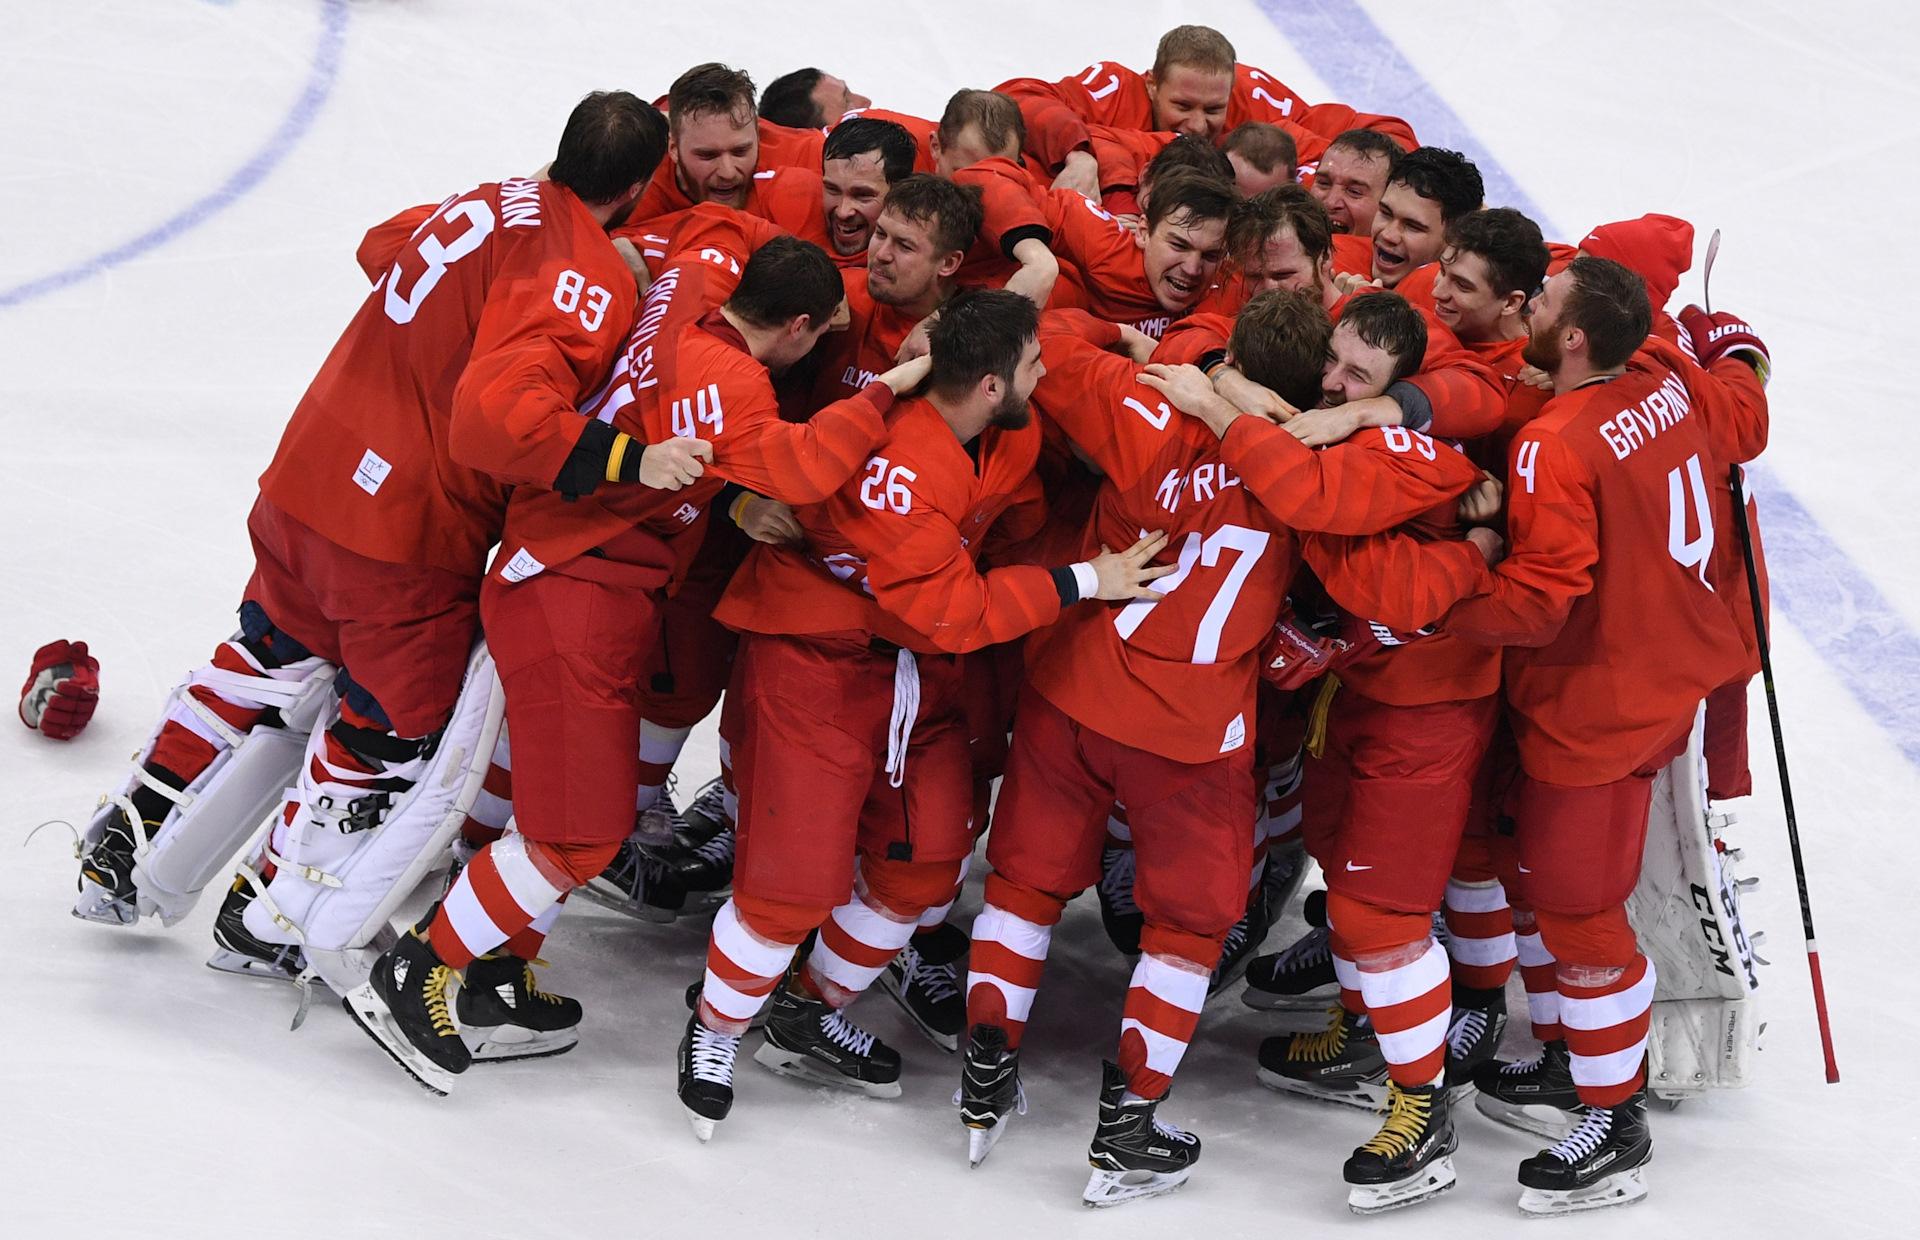 пройти русские чемпионы хоккея фотострана предлагает сытные